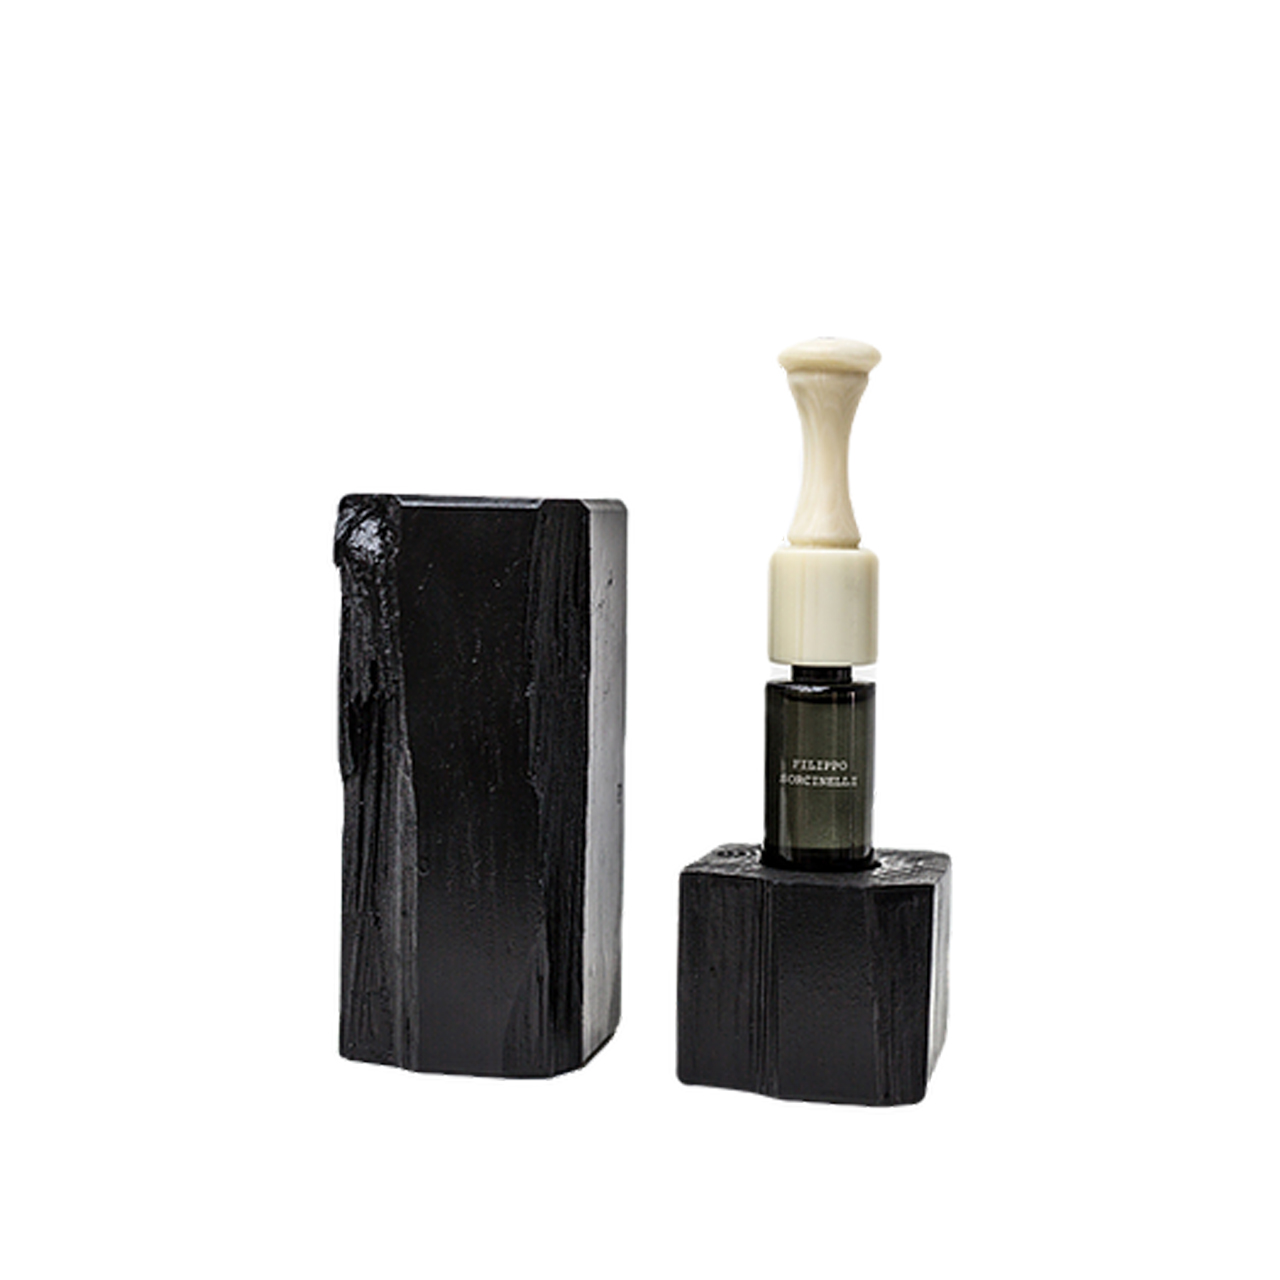 Violon Basse 16 - Extrait de Parfum